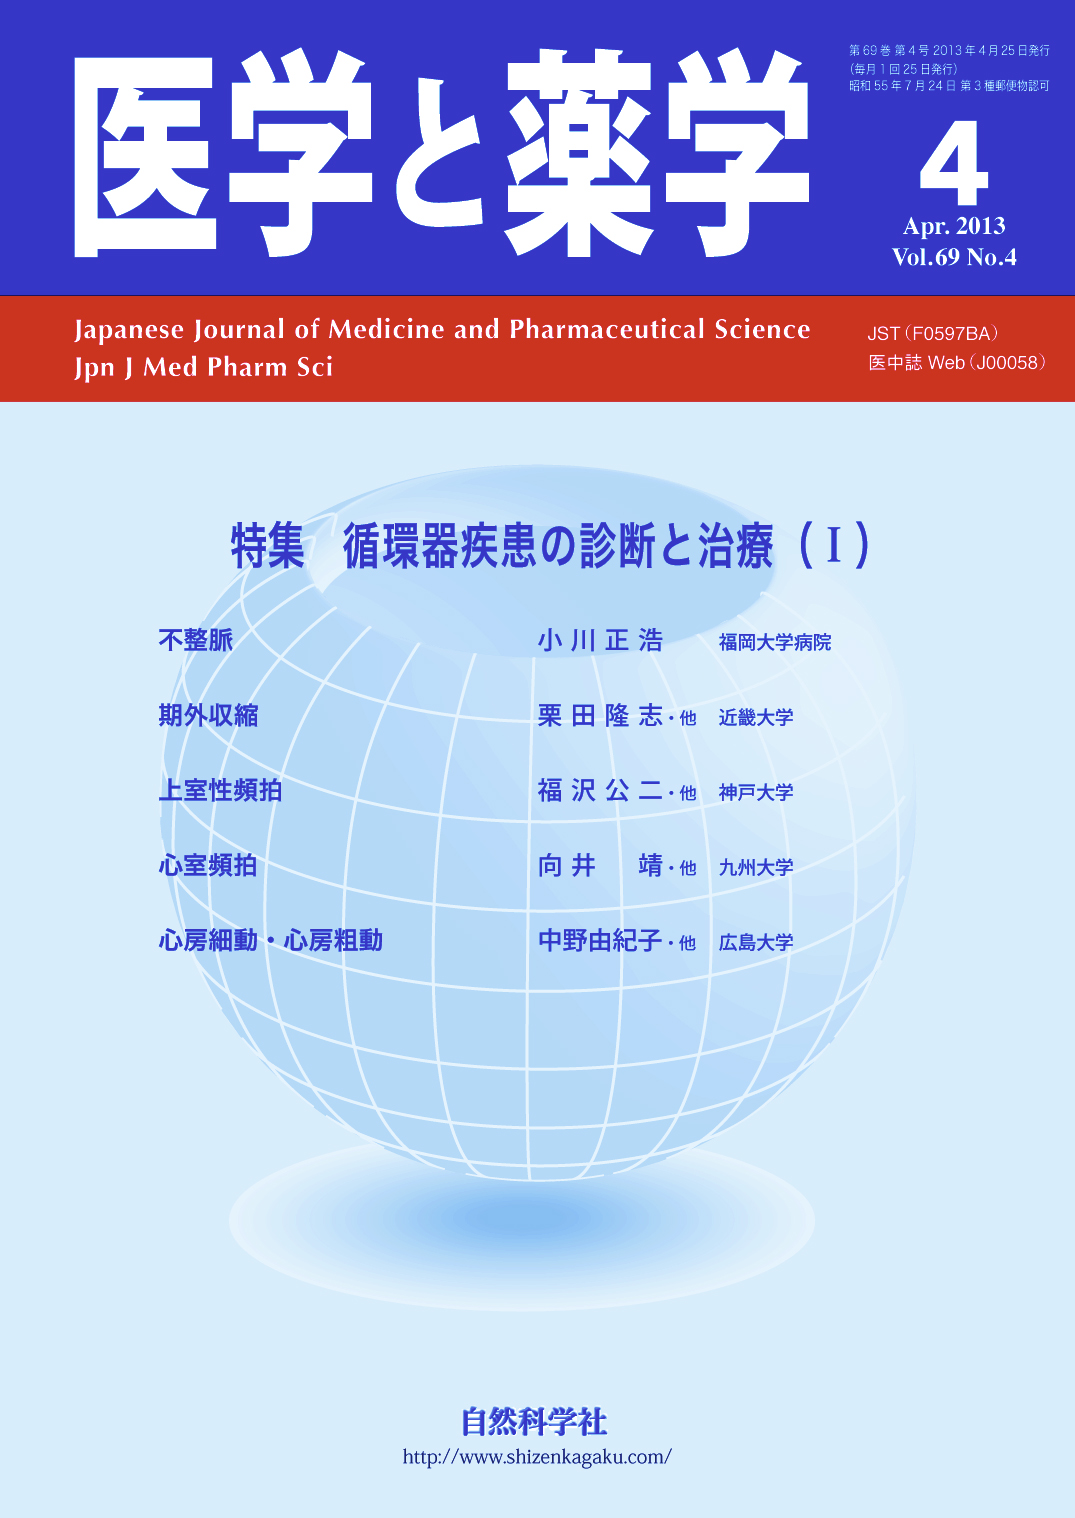 医学と薬学 69巻4号2013年4月